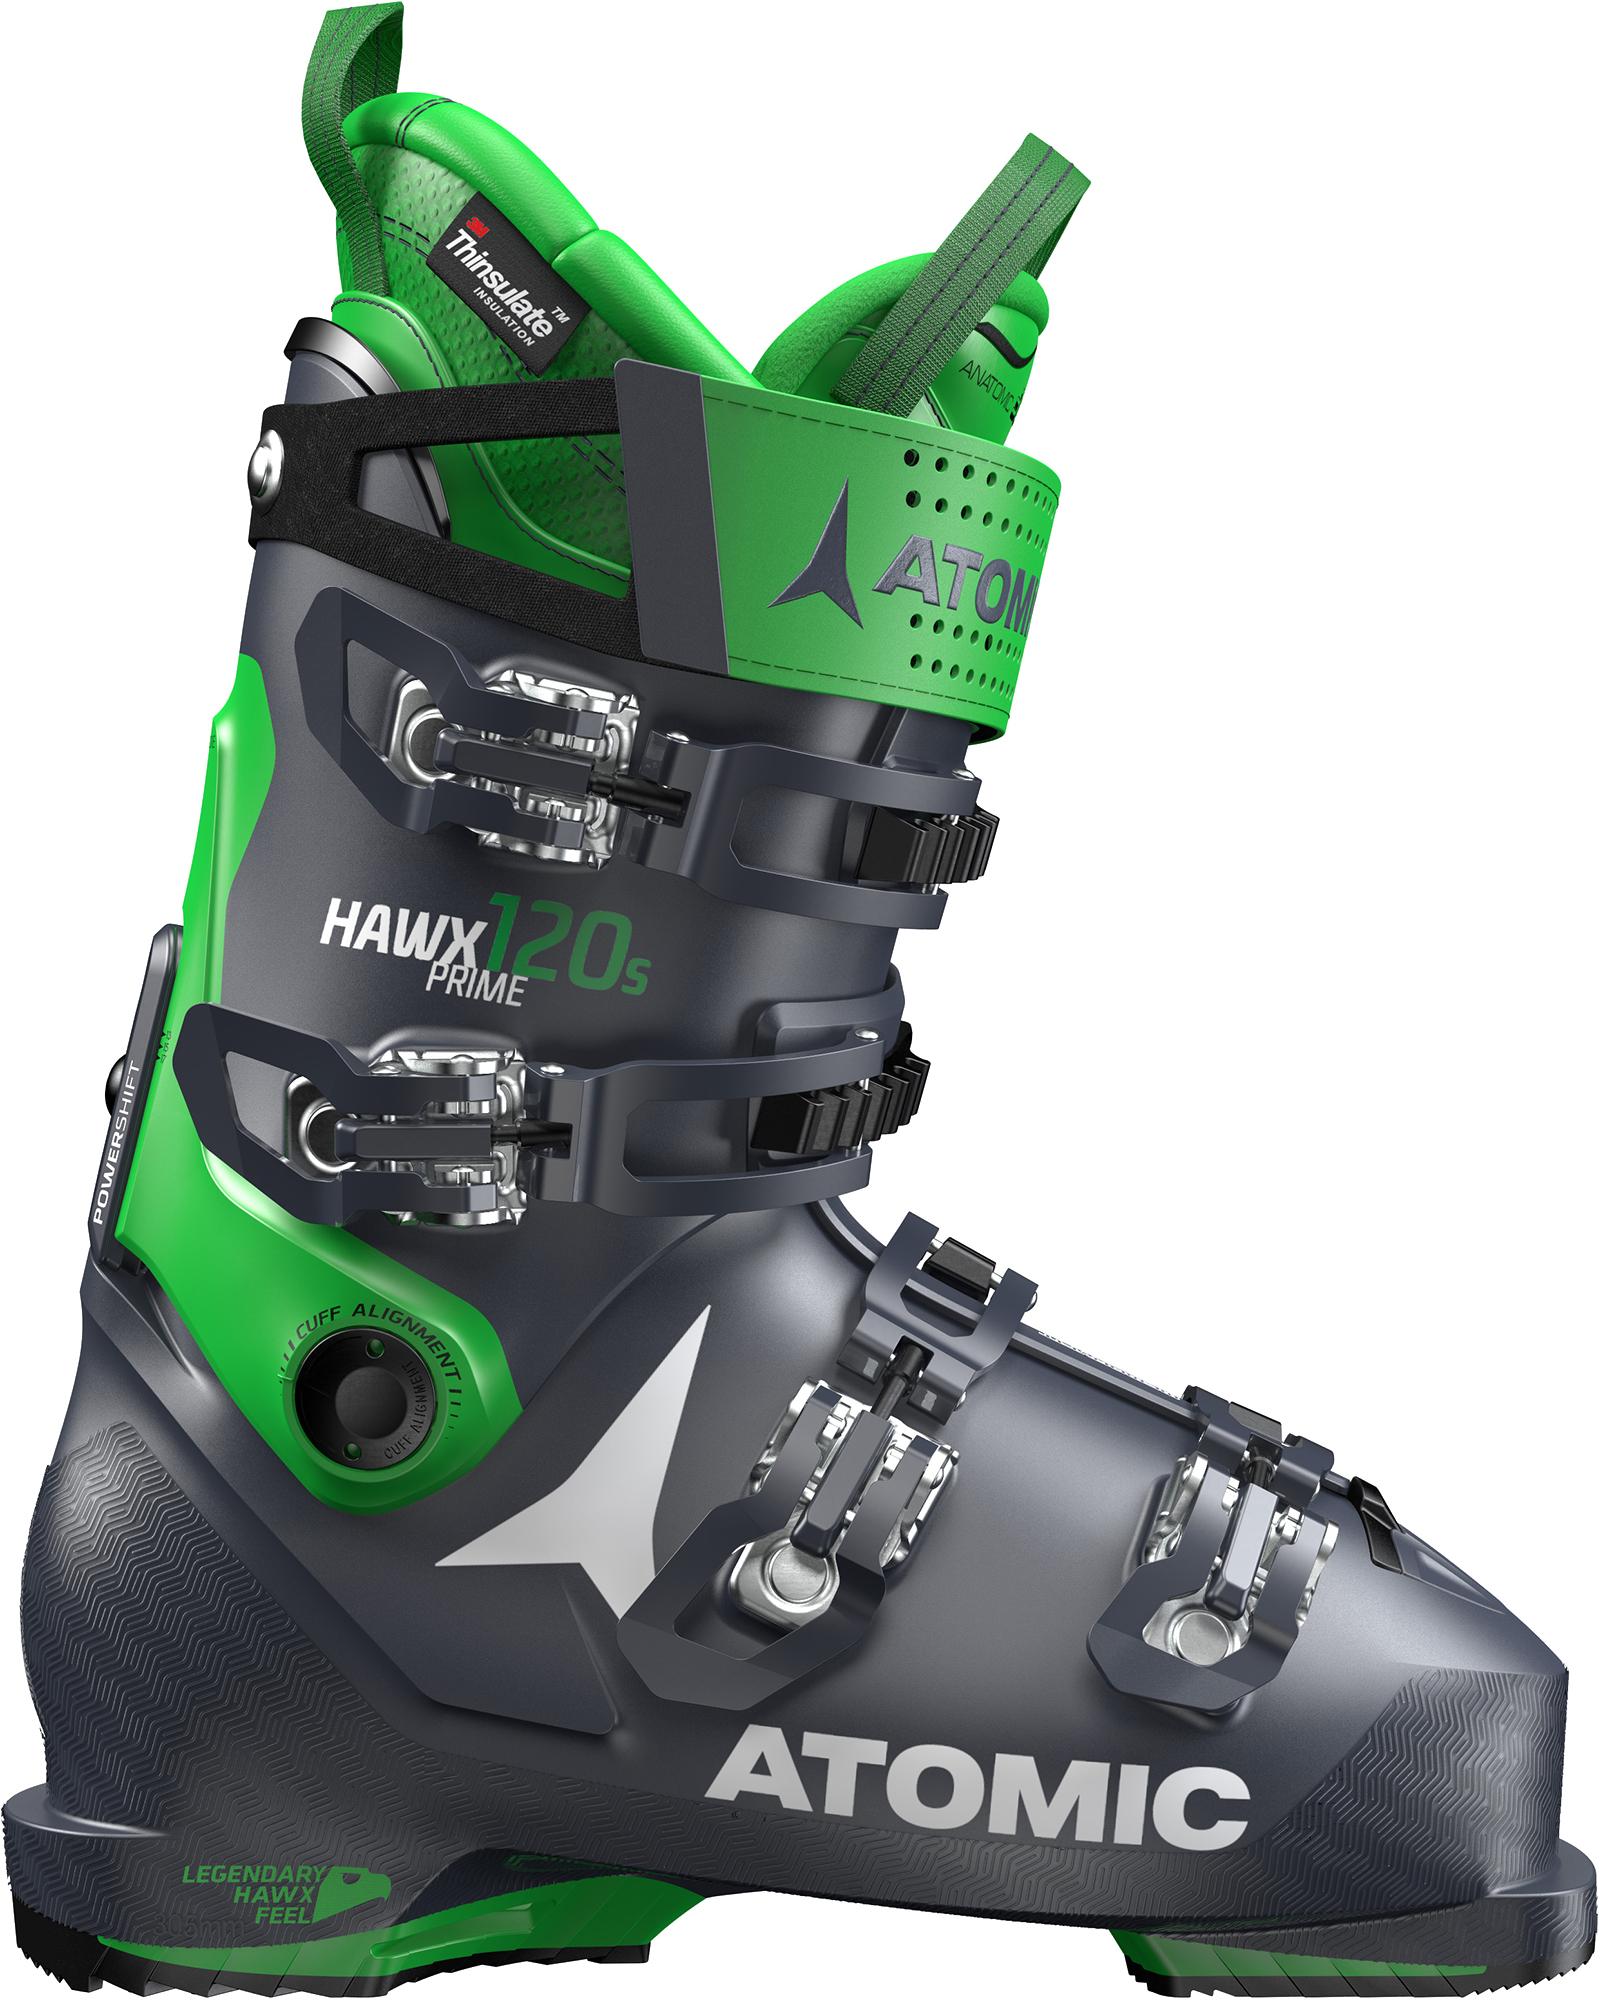 лучшая цена Atomic Ботинки горнолыжные Atomic Hawx Prime 120 S, размер 46